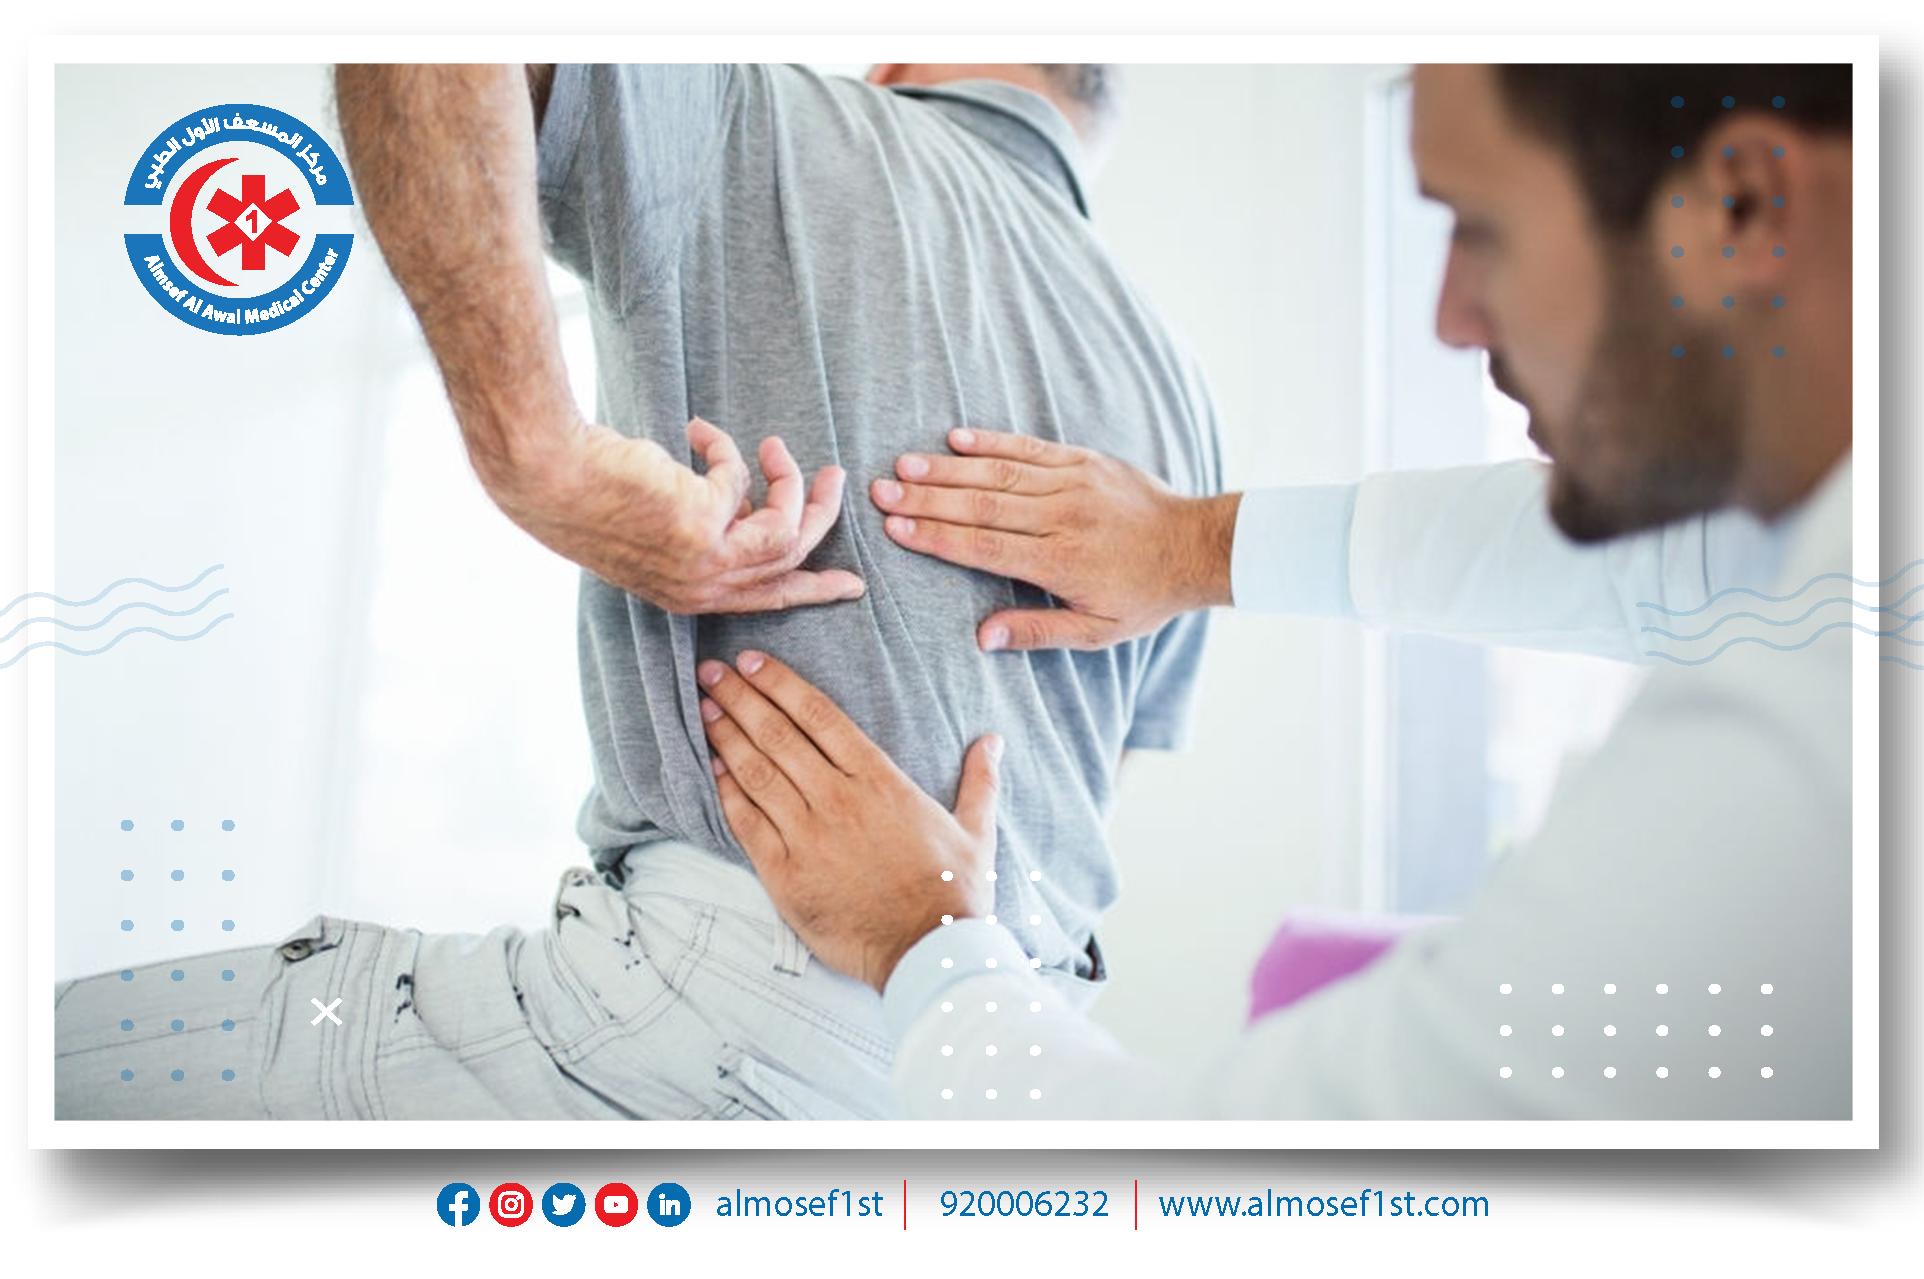 إصابة العمود الفقري: تعرف على العلامات وما يجب القيام به لإنقاذ المصاب